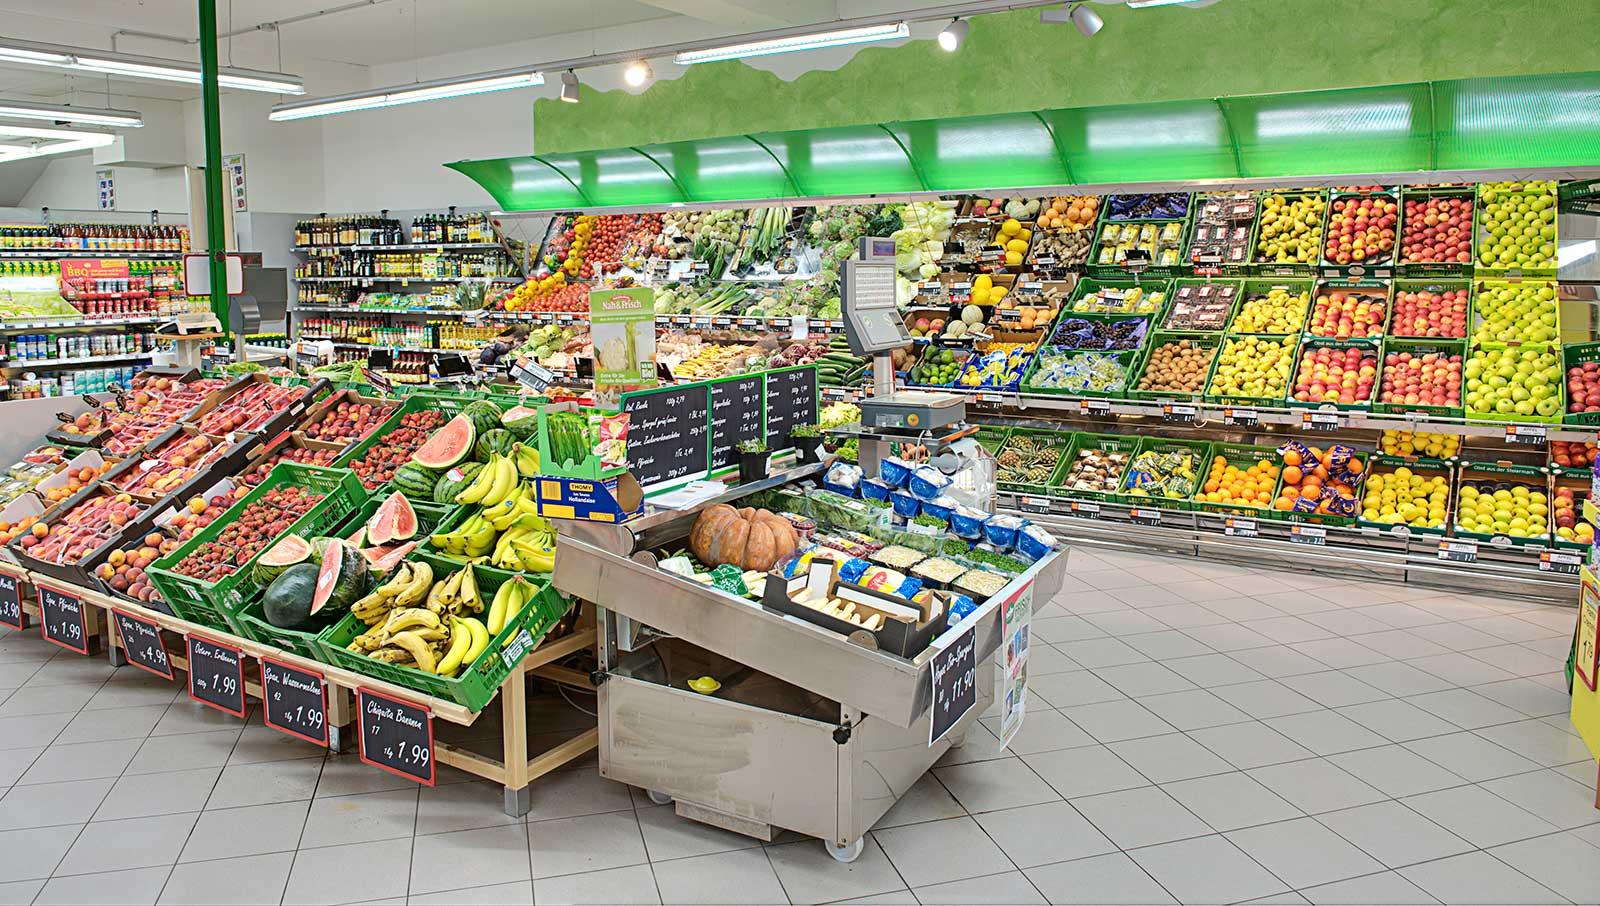 Die Obst- und Gemüseabteilung mit frischer Bioware aus der Region. © Reinhard Podolsky/mediadesign